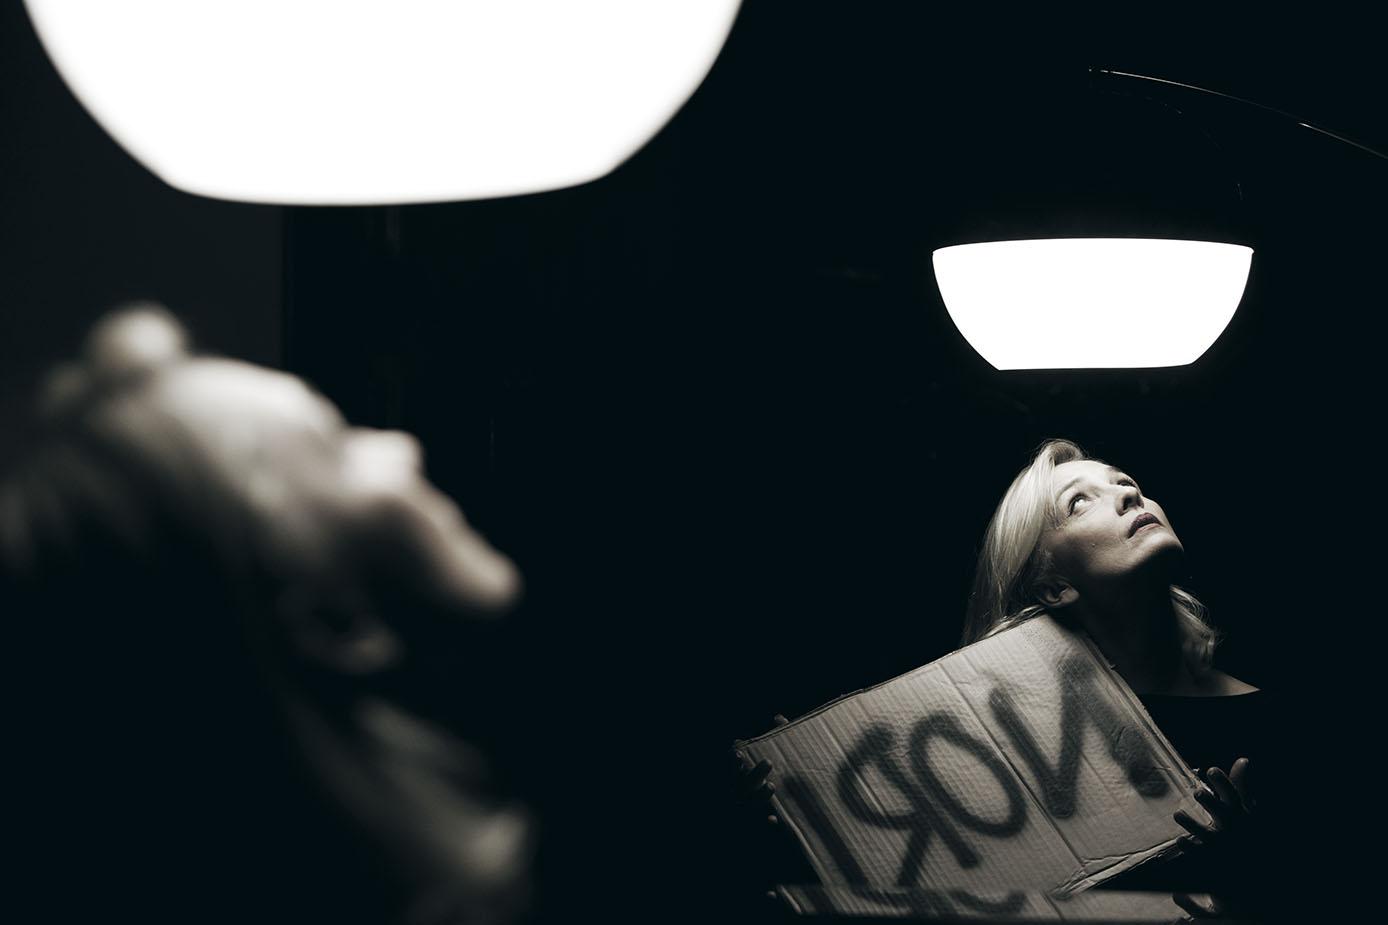 fotografo ritratto miriam nori